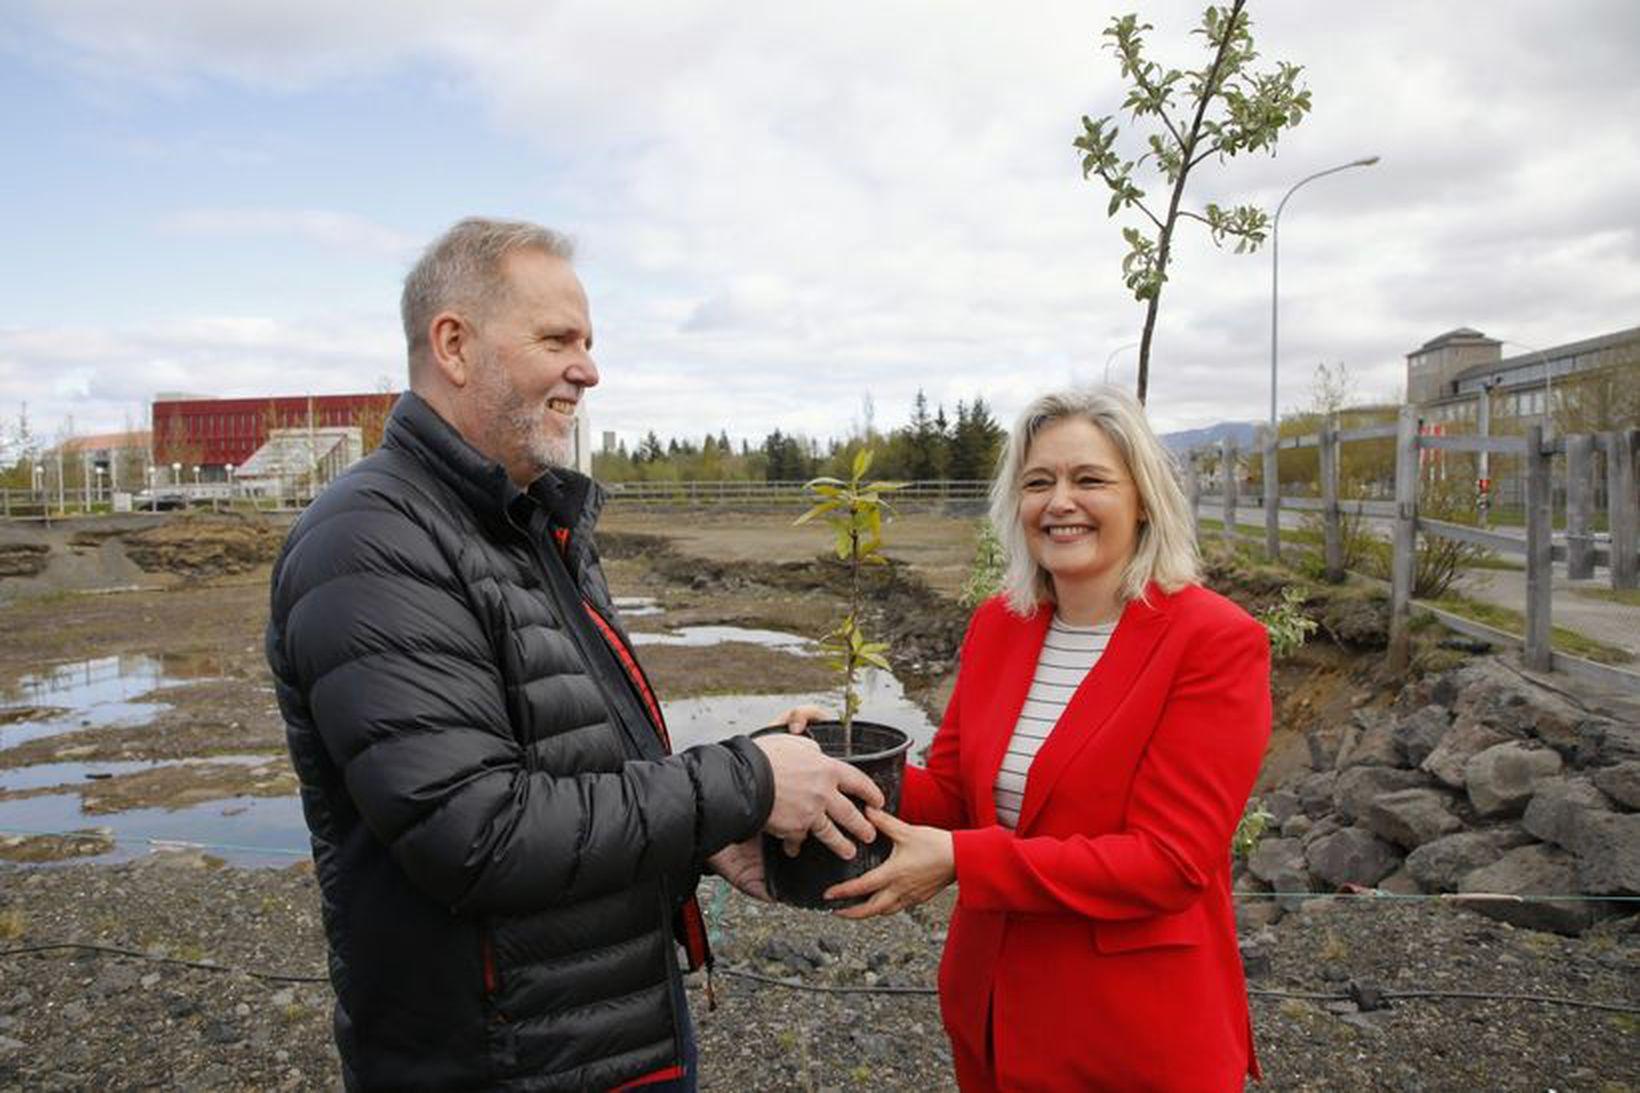 Guðrún Nordal afhendir Jóhannesi Benediktssyni, formanni Skógræktarfélagi Reykjavíkur, trjáplöntu.